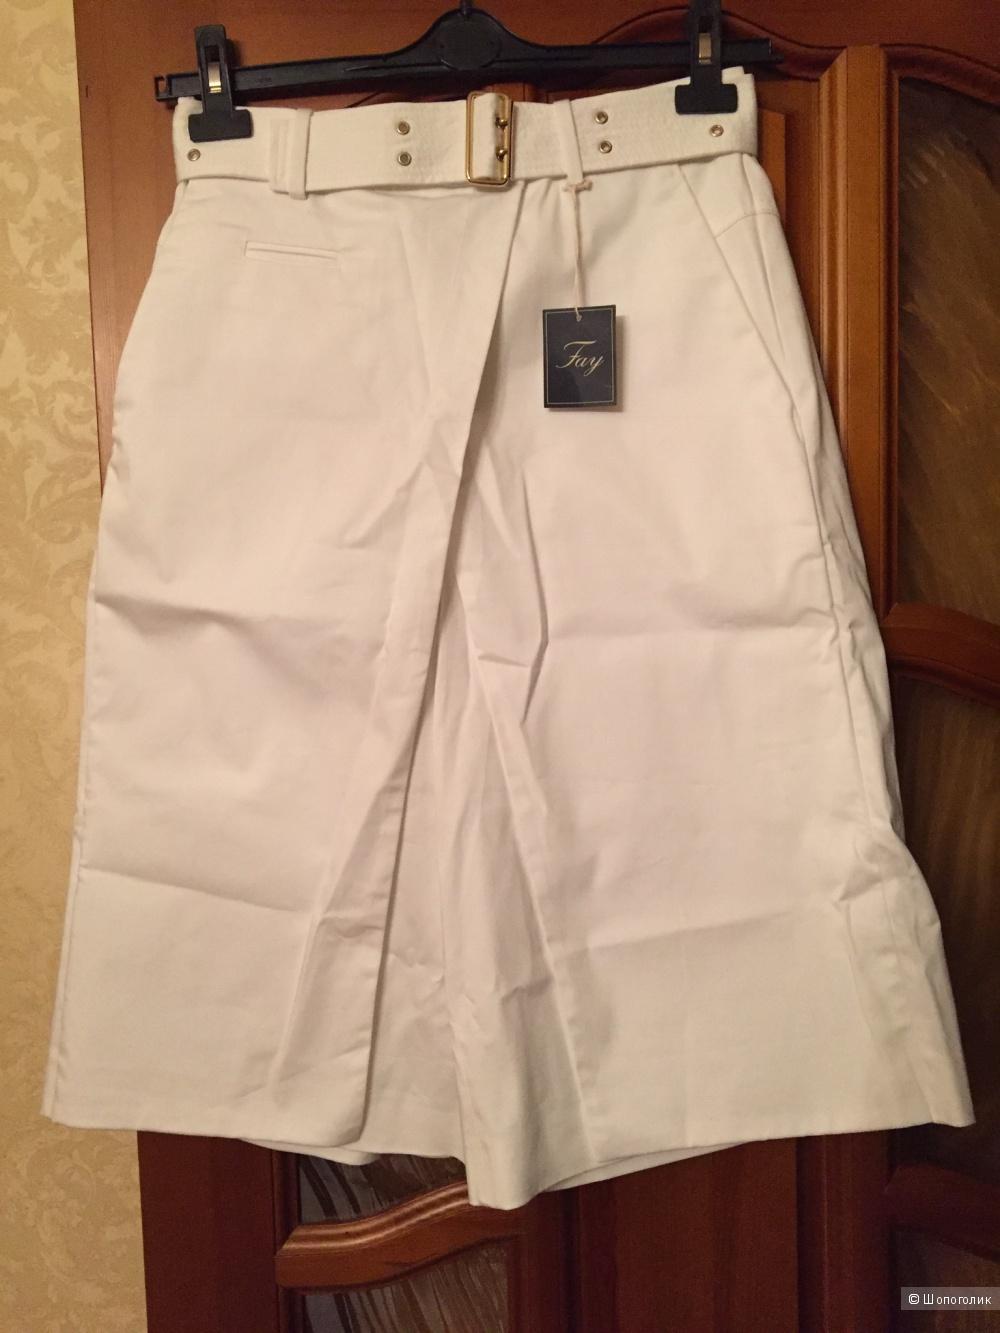 Итальянская хлопковая юбка-капри Fay 44 it